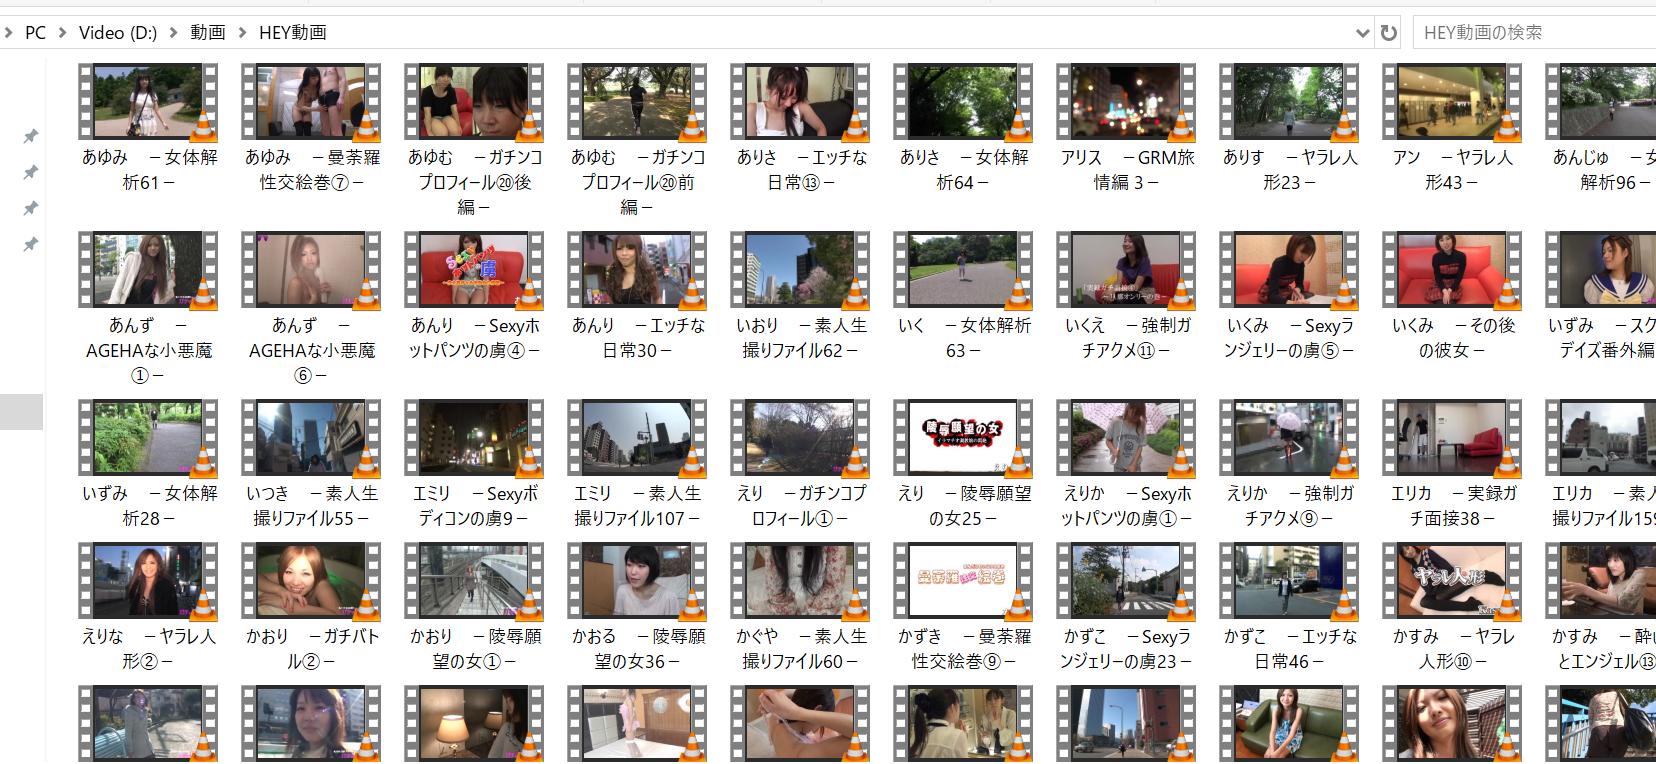 私がHEY動画からダウンロードした無修正エロ動画の一部